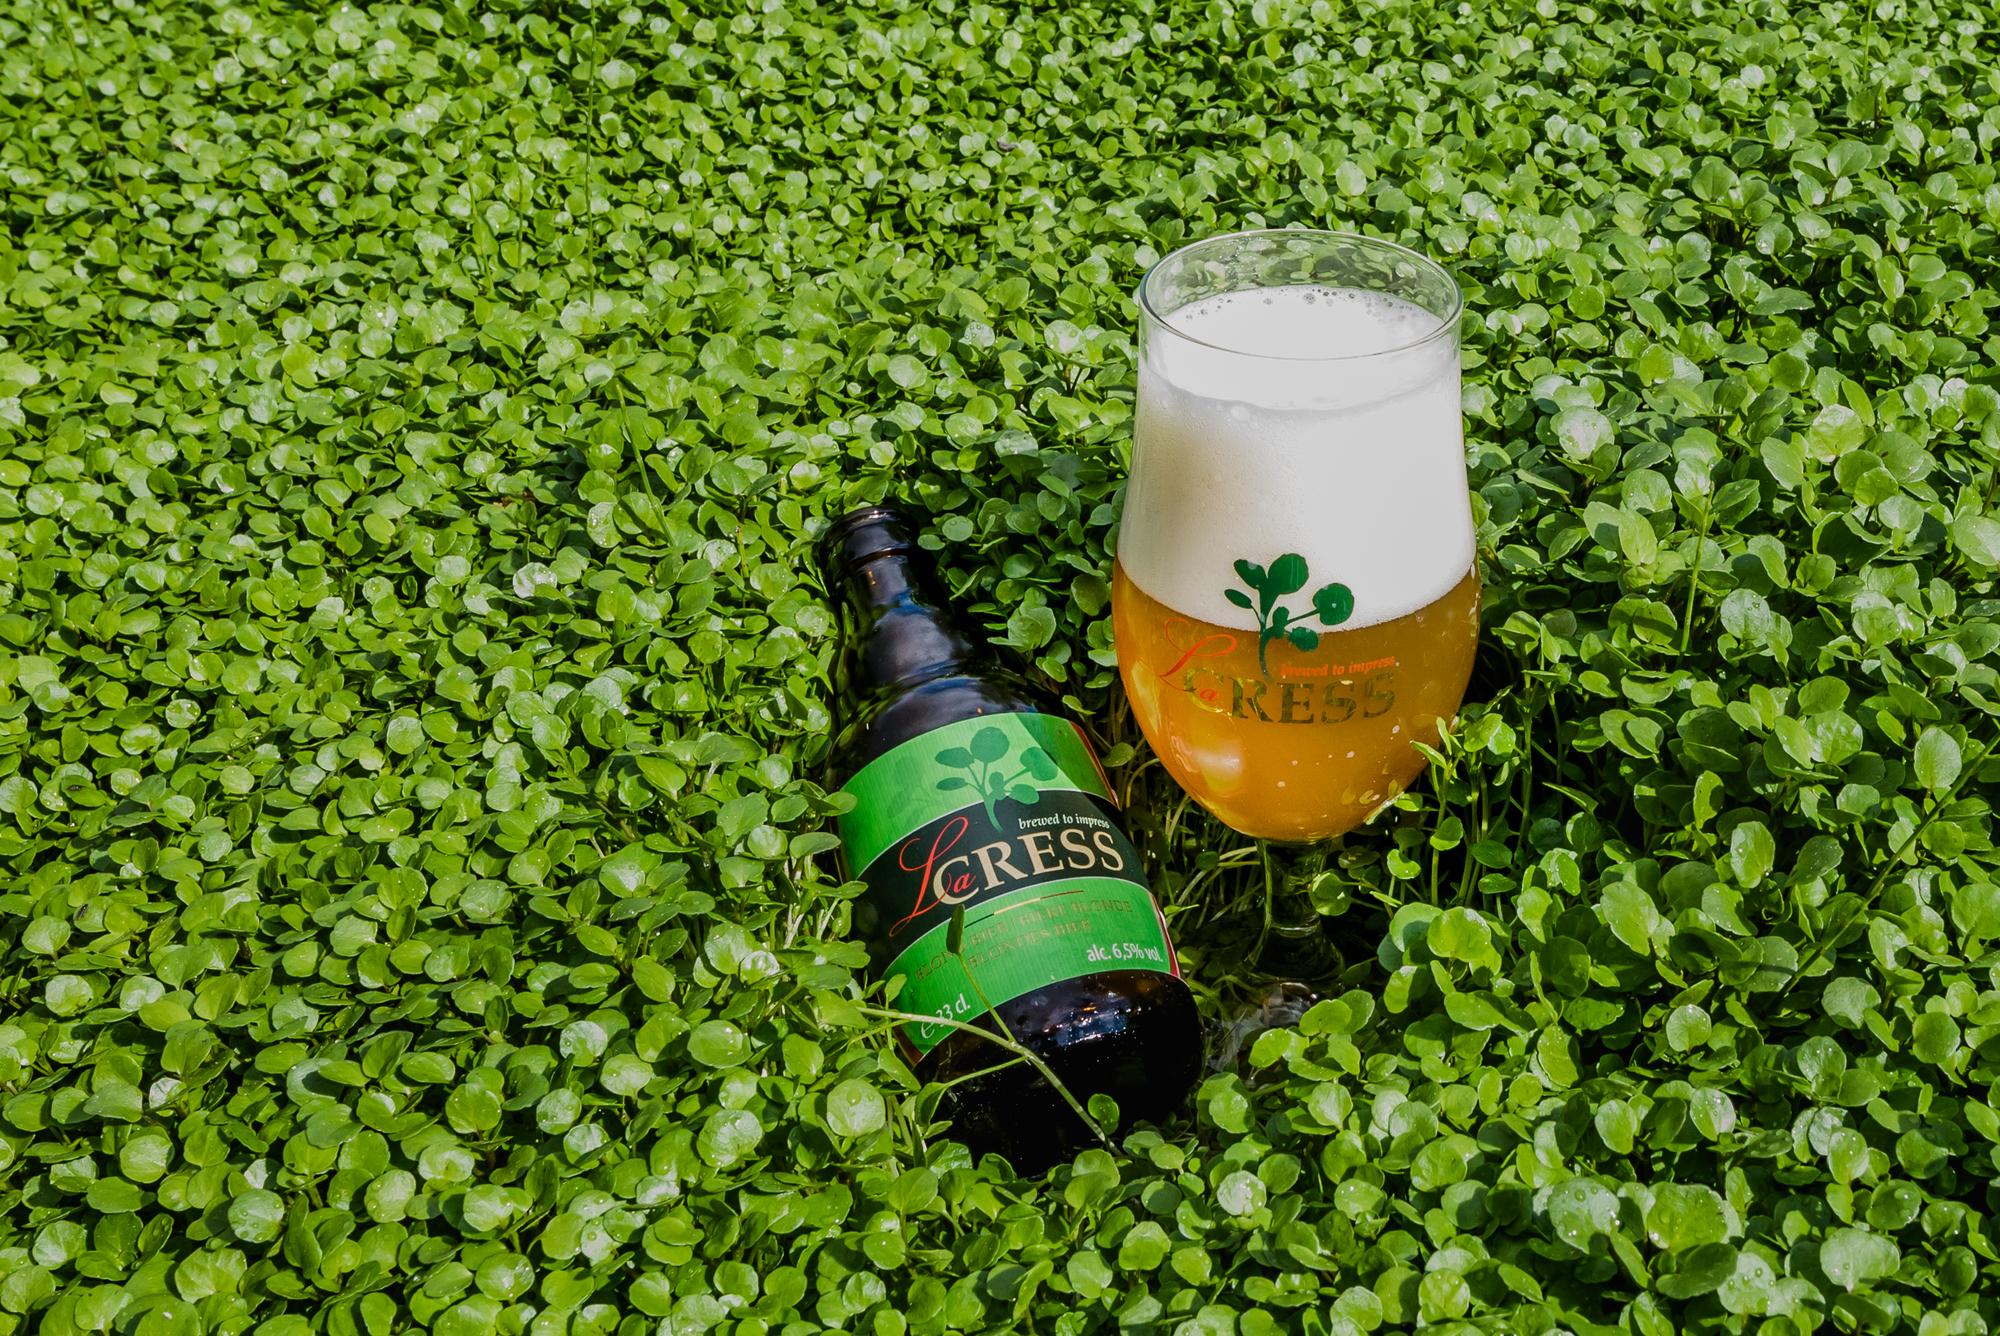 Het verhaal van waterkers- en bierproducent Sint-Lucie en La Cress